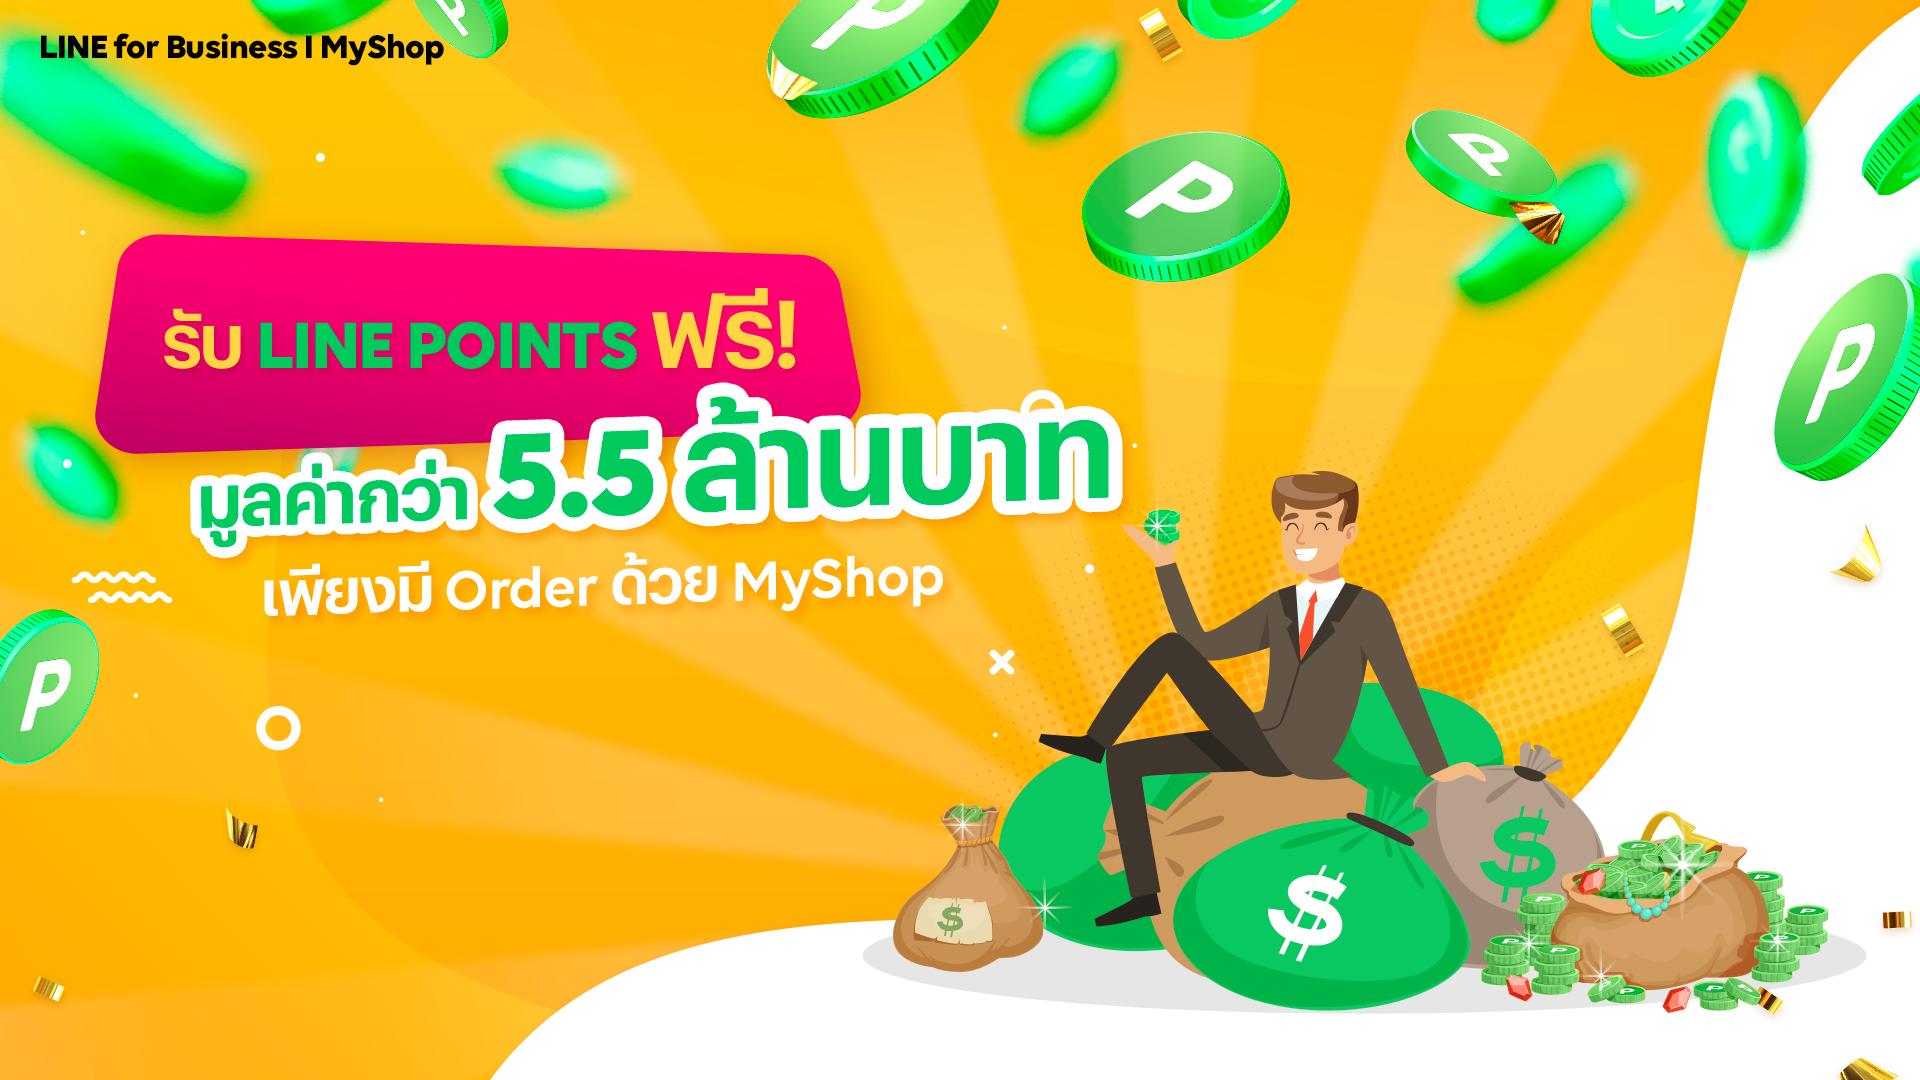 รับฟรี! LINE POINTS ใช้แทนเงินสด เพียงแค่เปิดบิล 1 ออเดอร์ รับไปเลย LINE POINTS CODE มูลค่ารวมกว่า 5.5 ล้านบาท มากกว่า 5,555 ร้านค้า!!